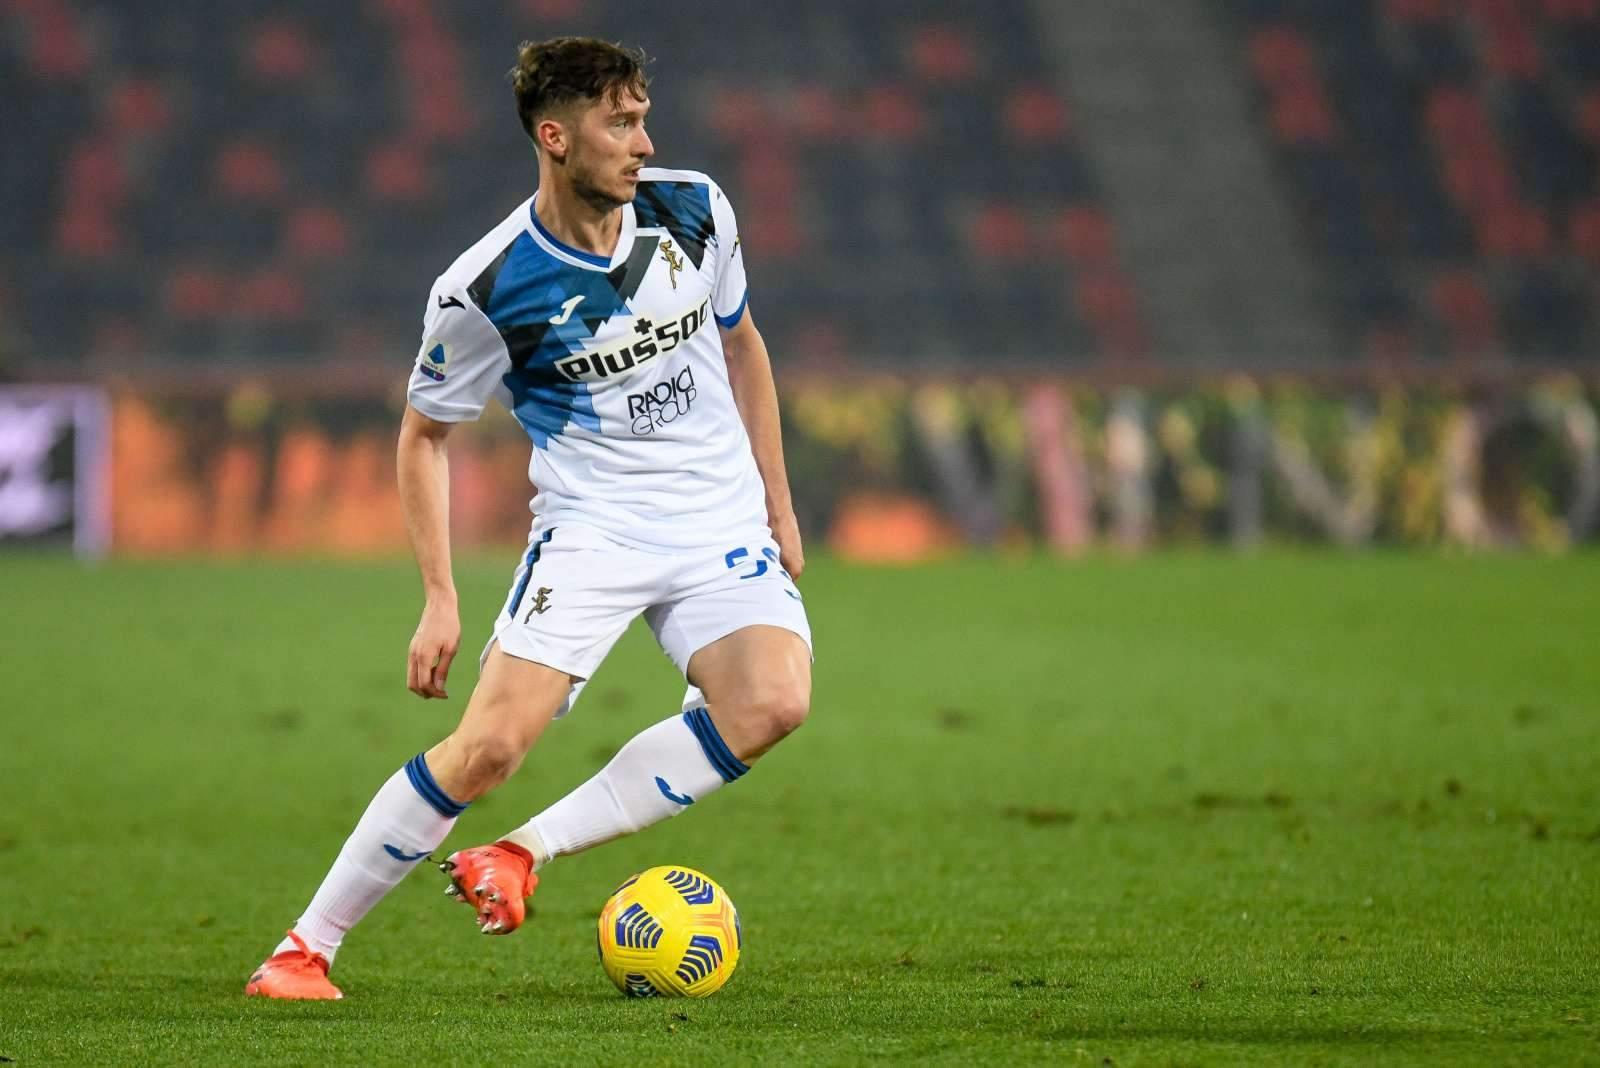 Миранчук забил за «Аталанту», выйдя впервые в стартовом составе